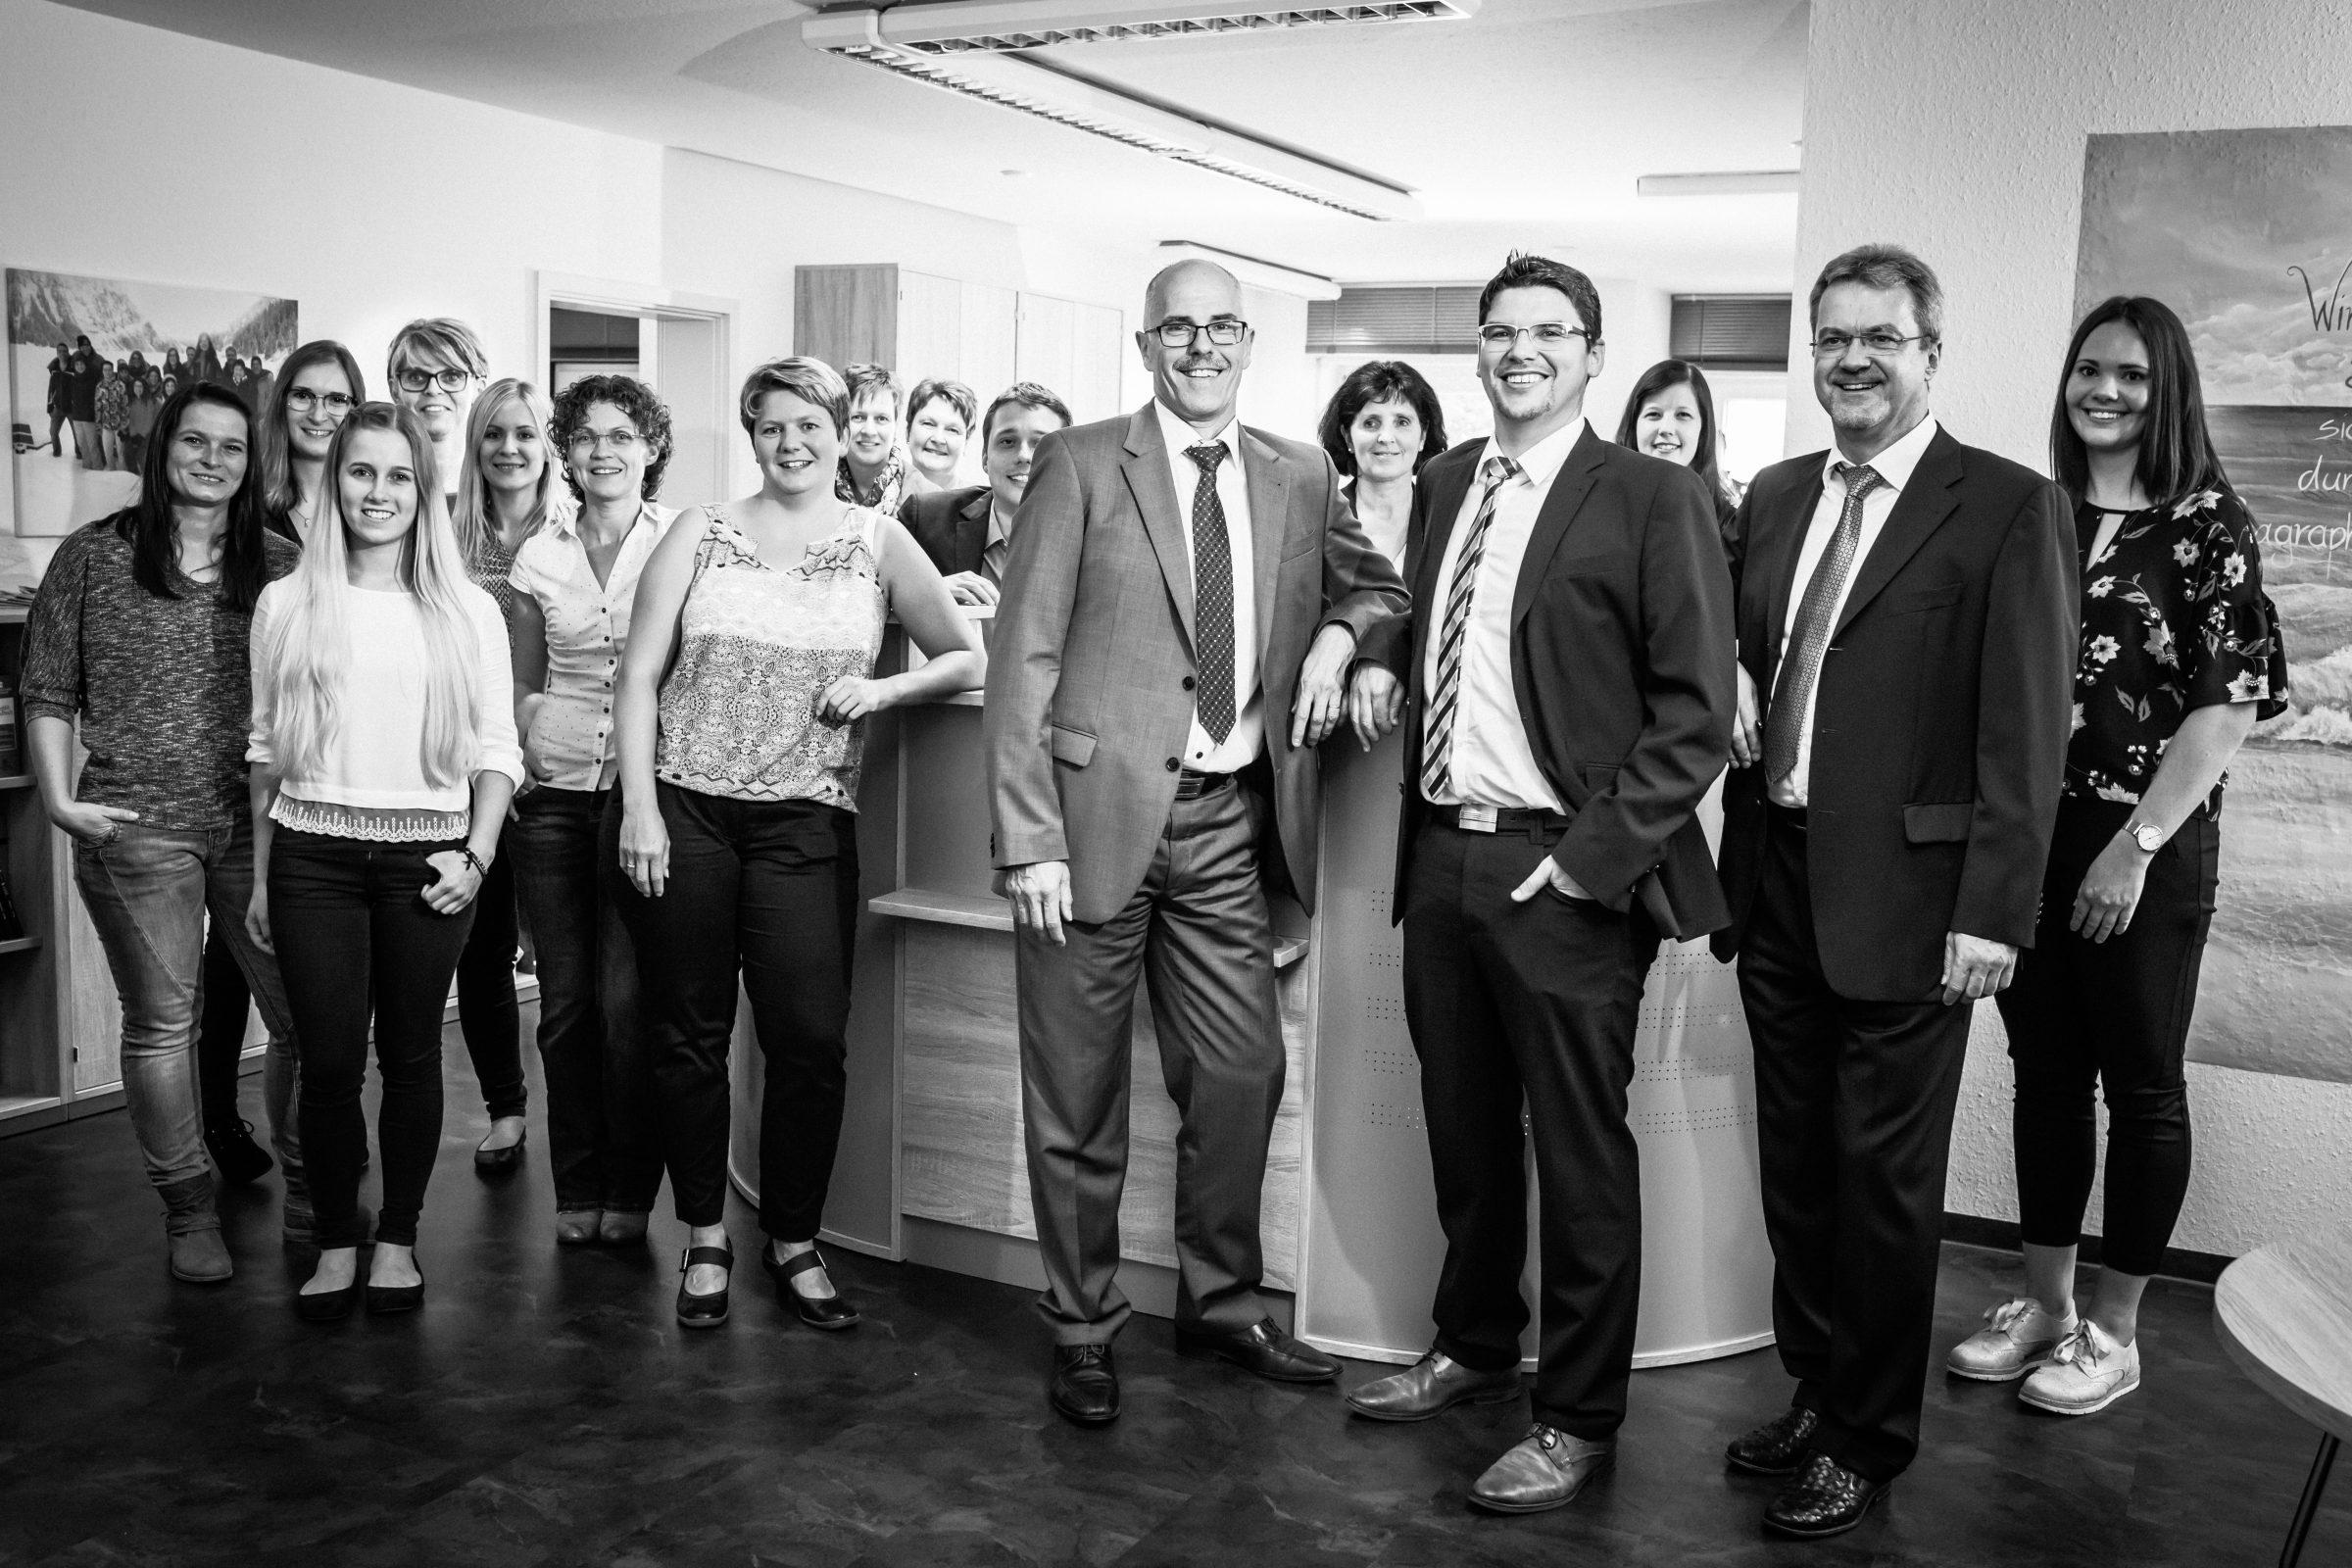 LSK Steuerberater - Teambild